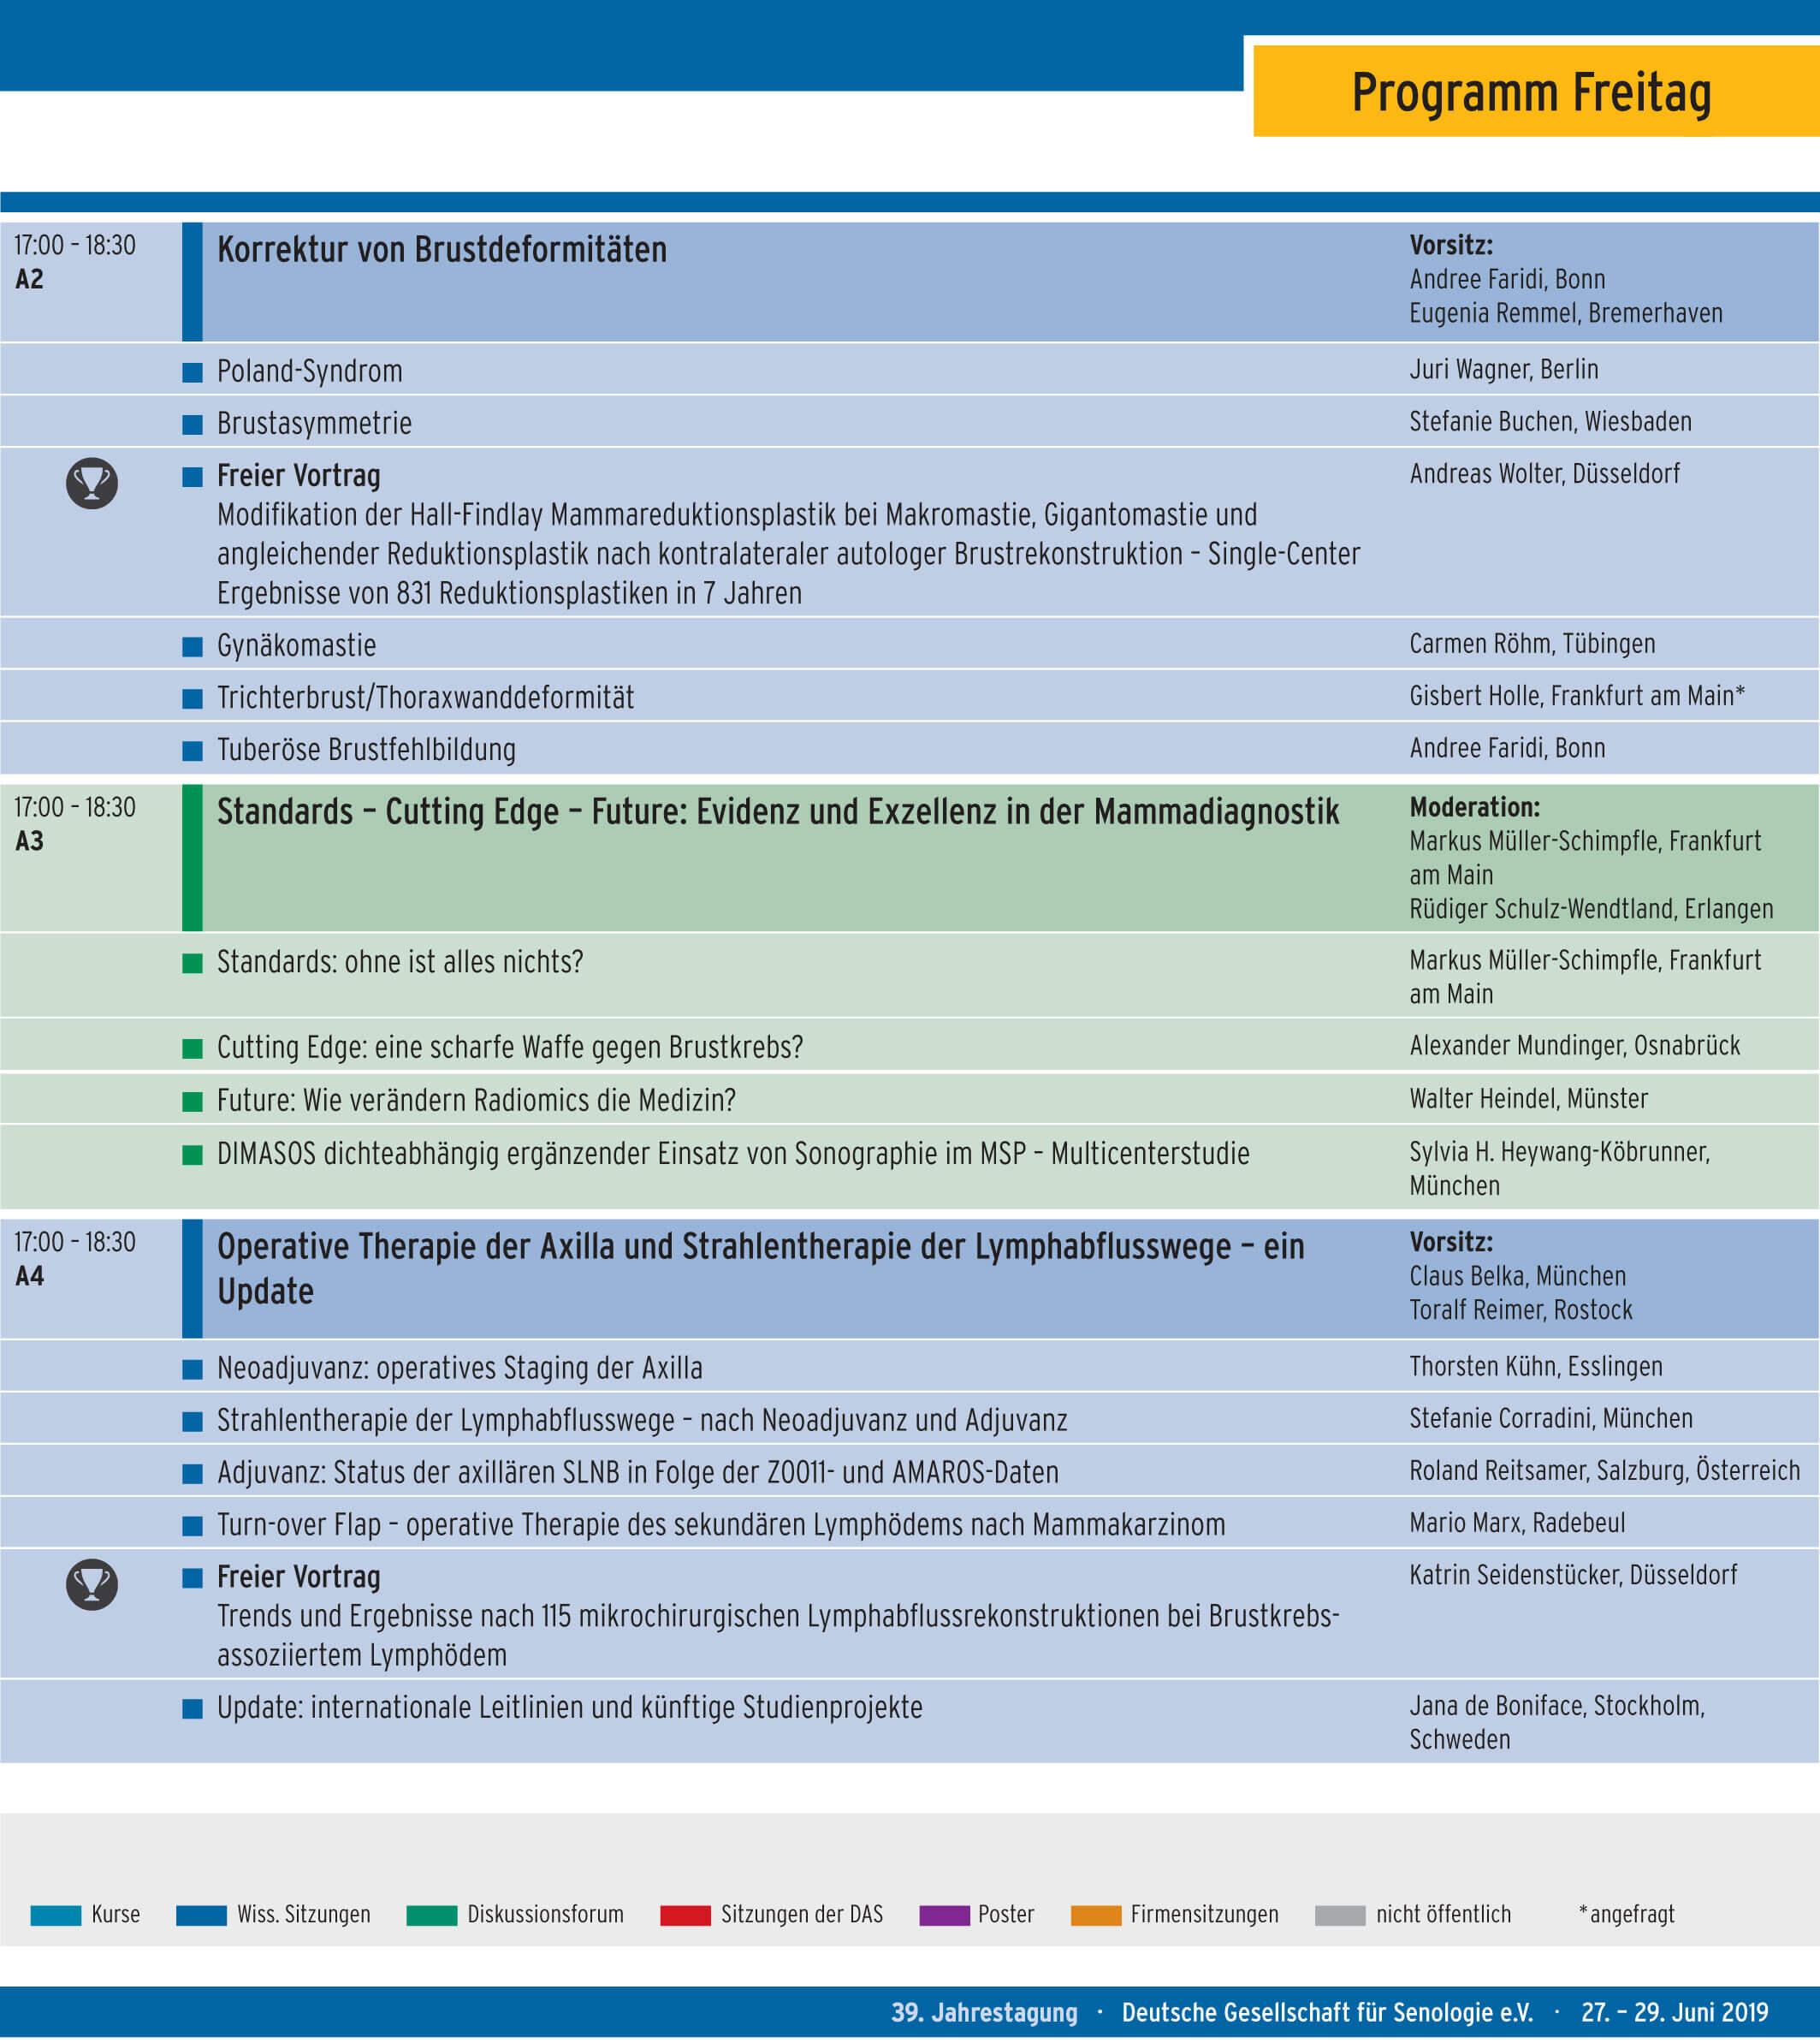 Programm-Freitag-39-Jahrestagung-der-Deutschen-Gesellschaft-fuer-Senologie-eV-Dr-med-Gisbert-Holle-Frankfurt